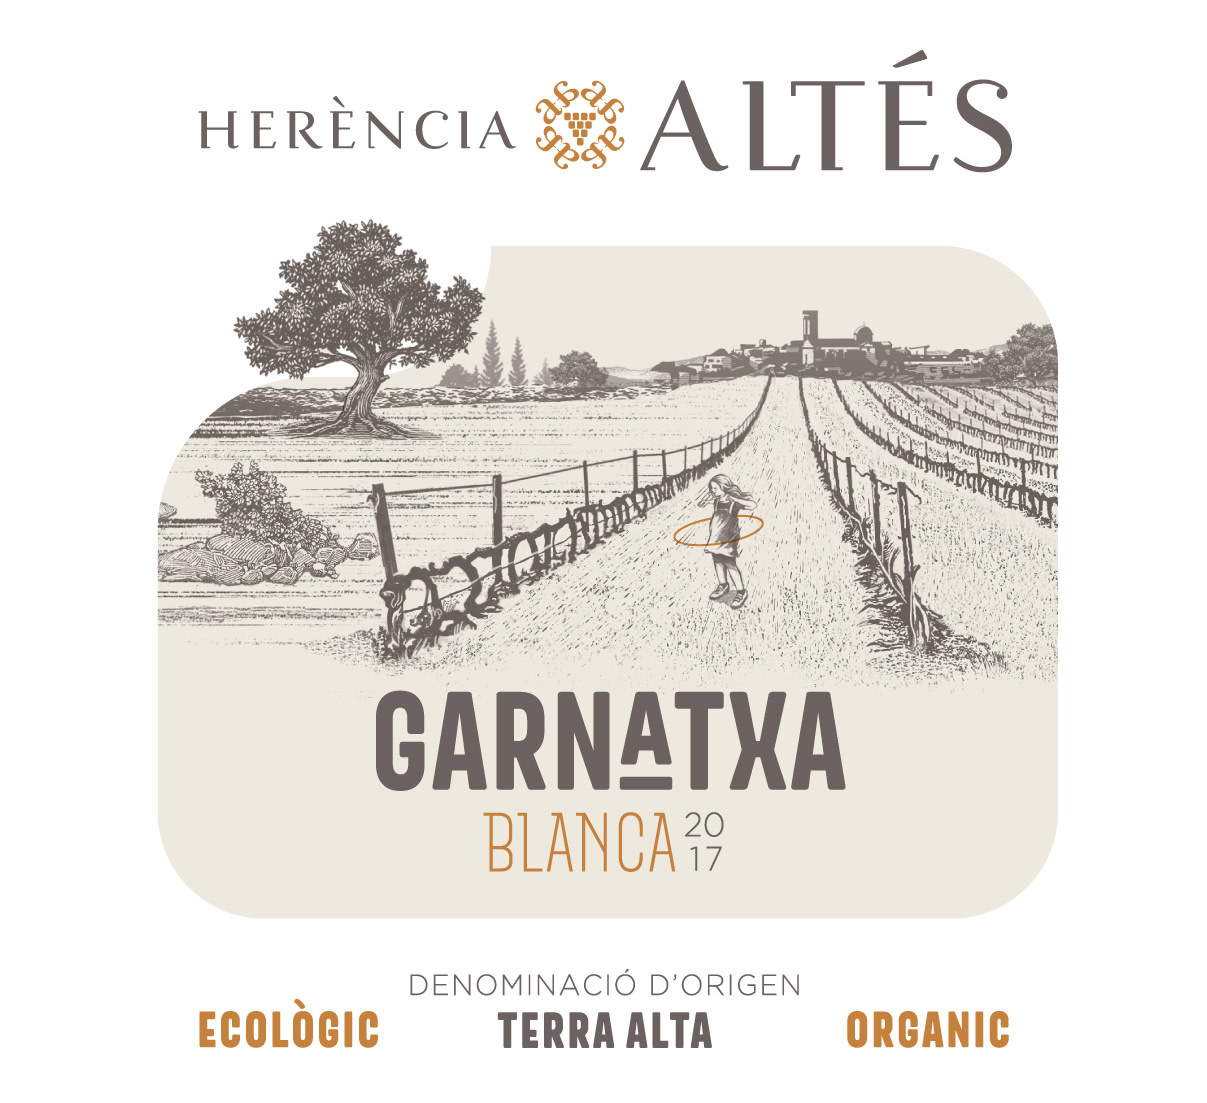 Herència Altés, Garnatxa Blanca (2019)